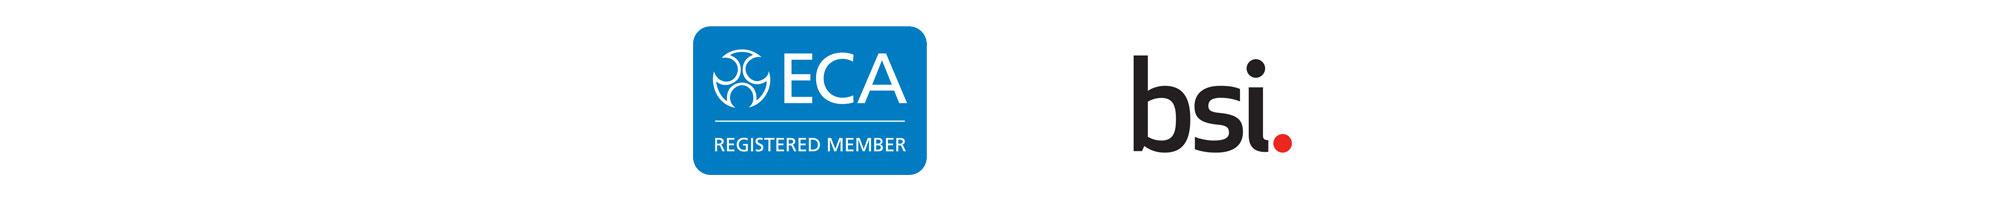 esc-membership-logos-2